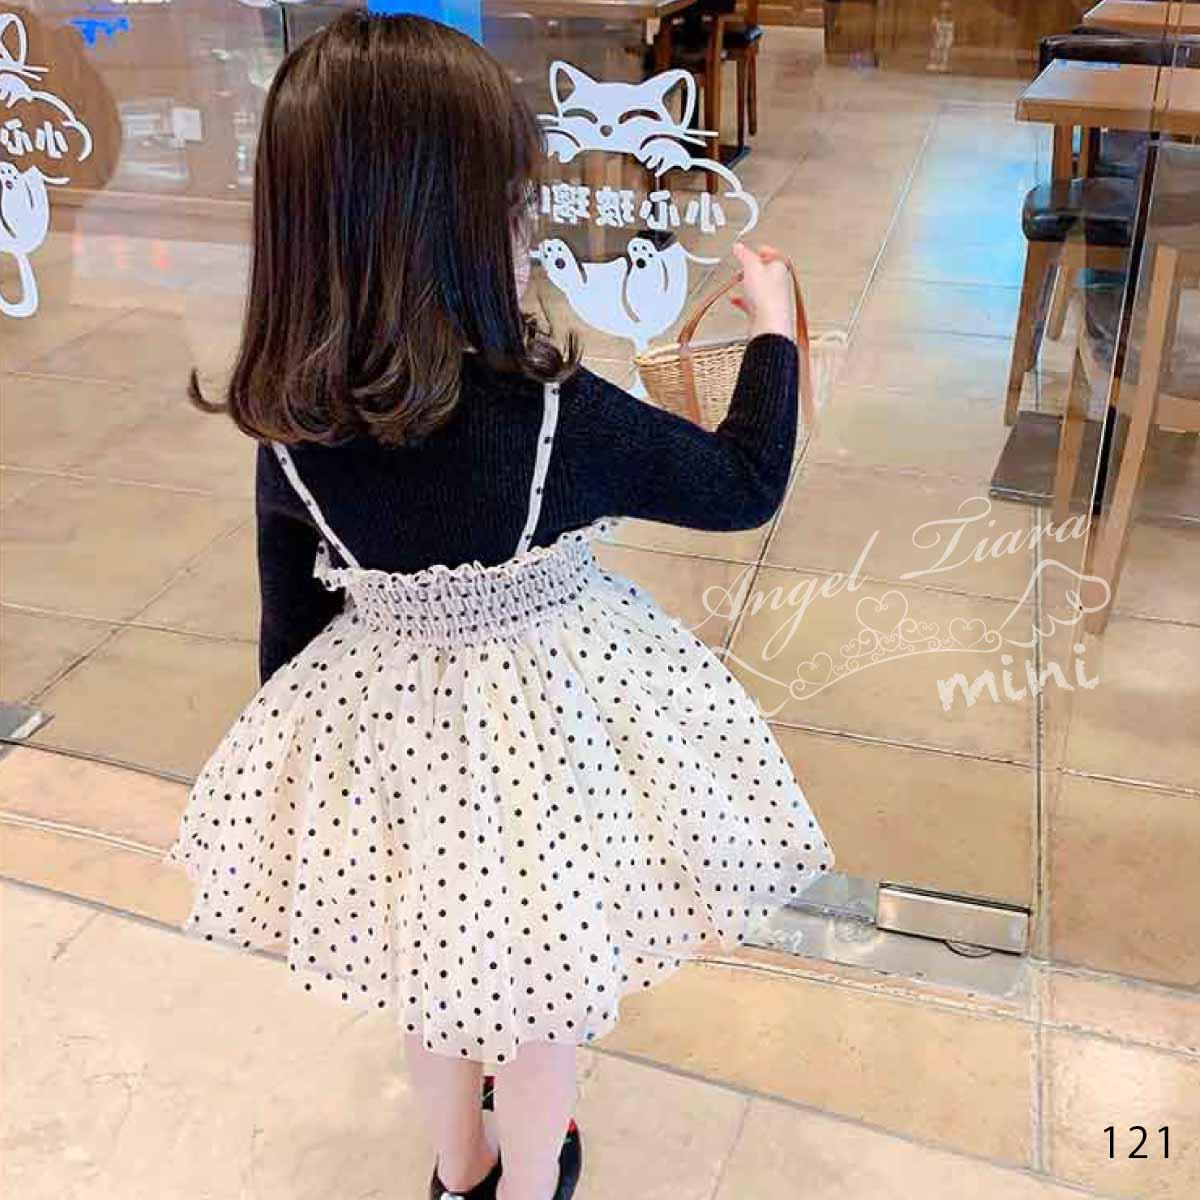 子供服 キッズ 女の子 ワンピース 長袖 重ね着風 トップス + ワンピース ドット チュールスカート ベージュ ブラック 春 秋 冬 KG121